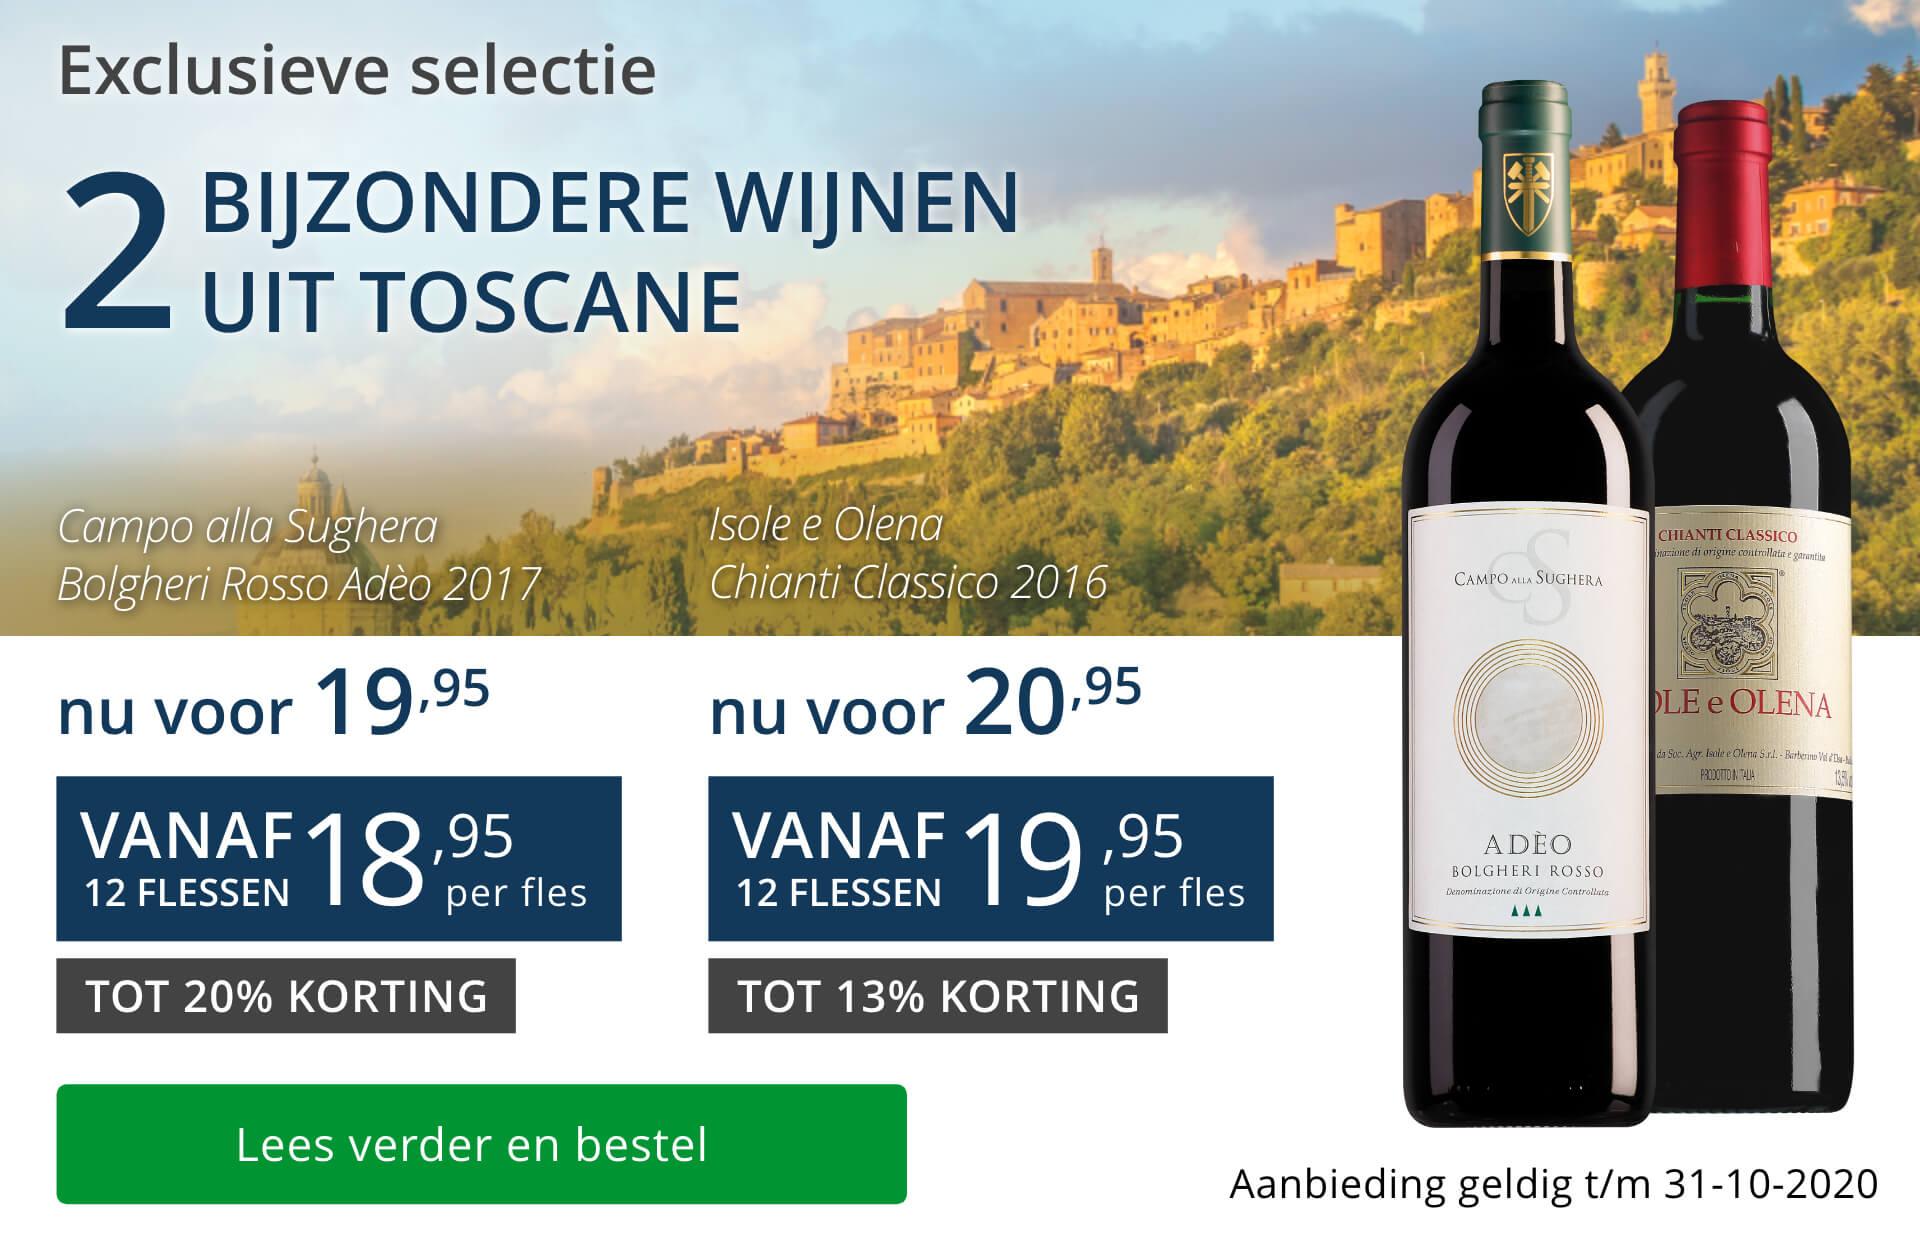 Twee bijzondere wijnen oktober 2020 - blauw